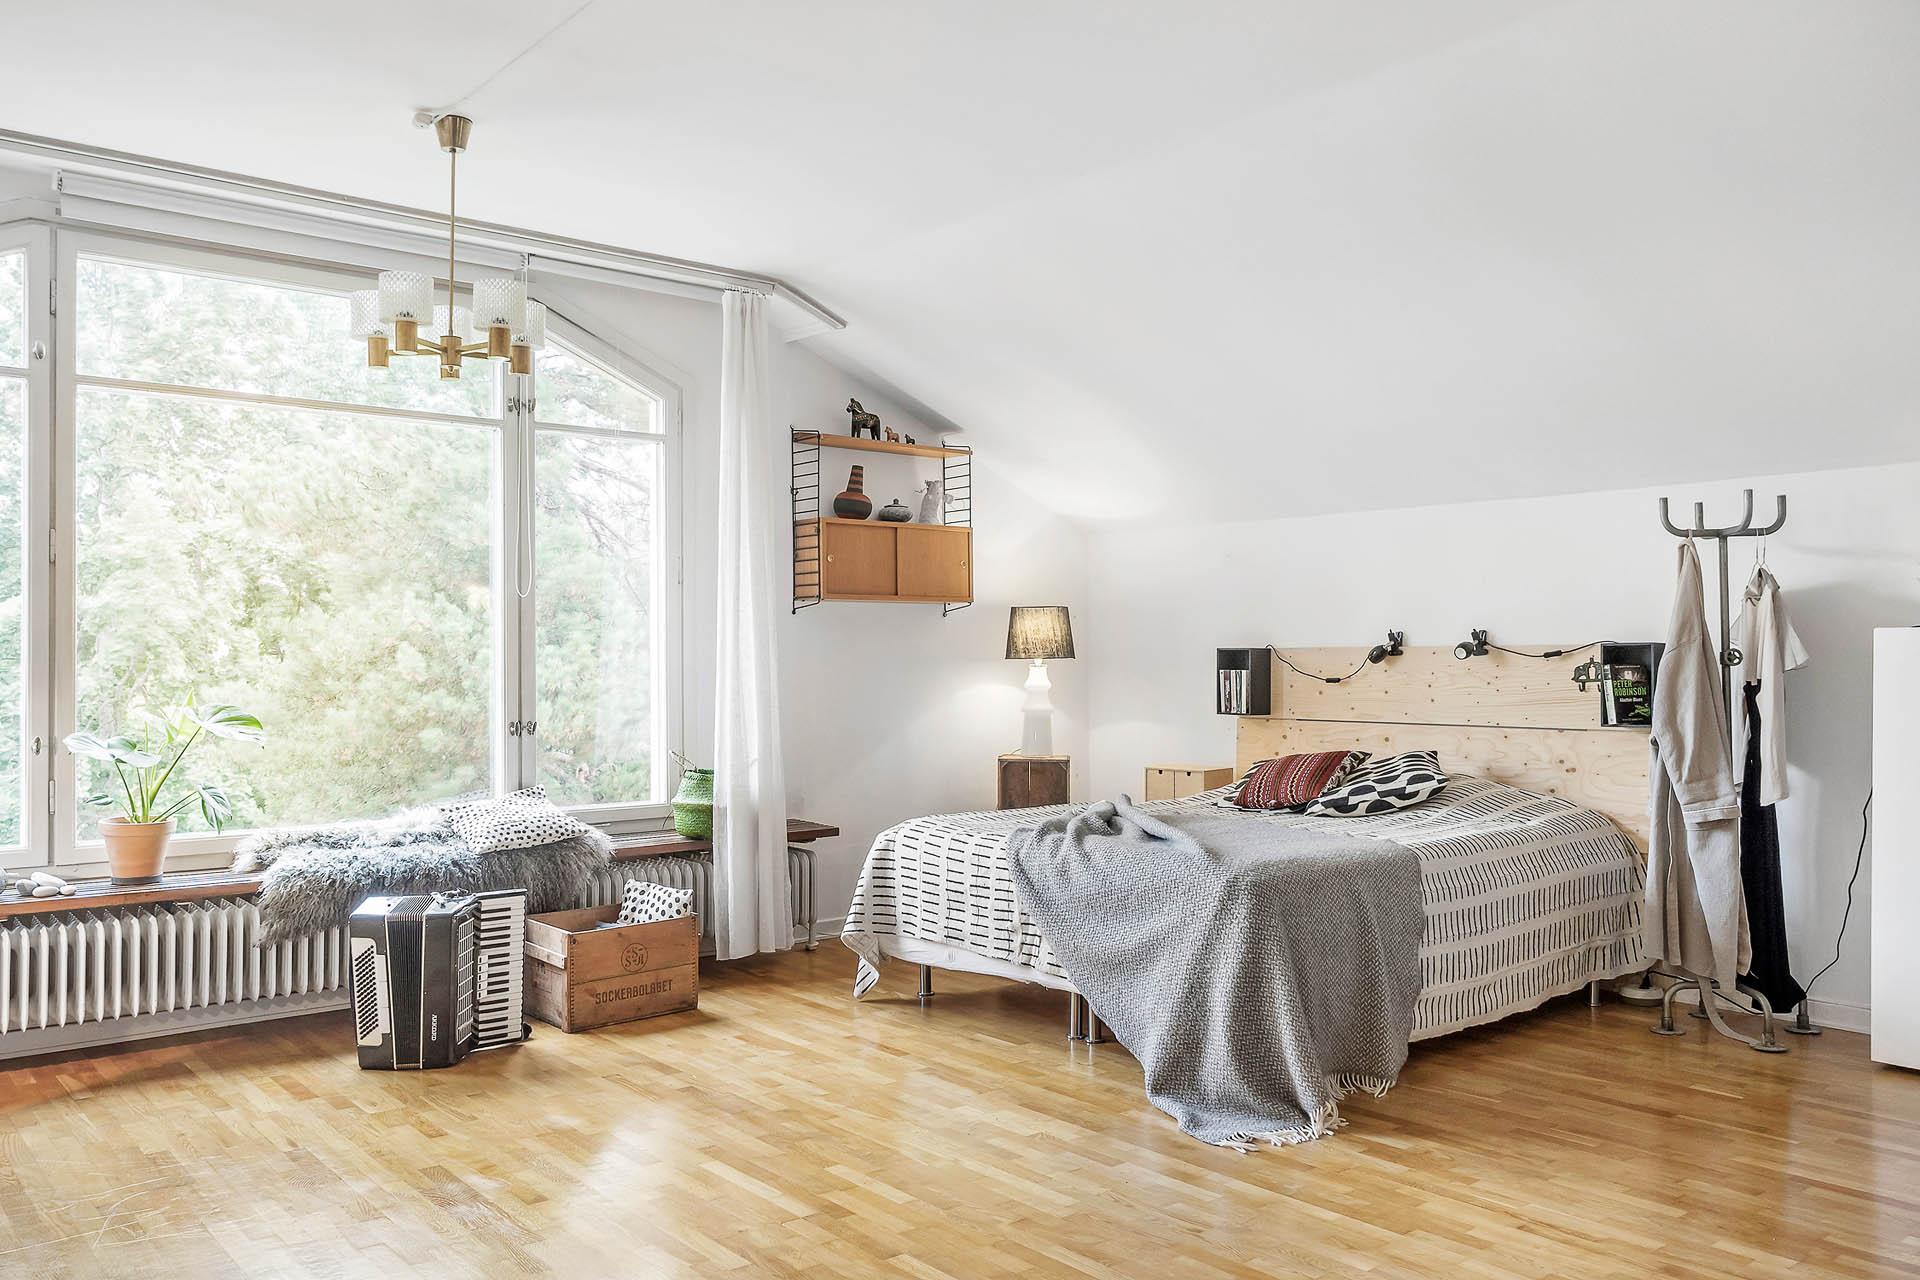 Möjlighet att bygga ett extra sovrum (se alternativ planritning).